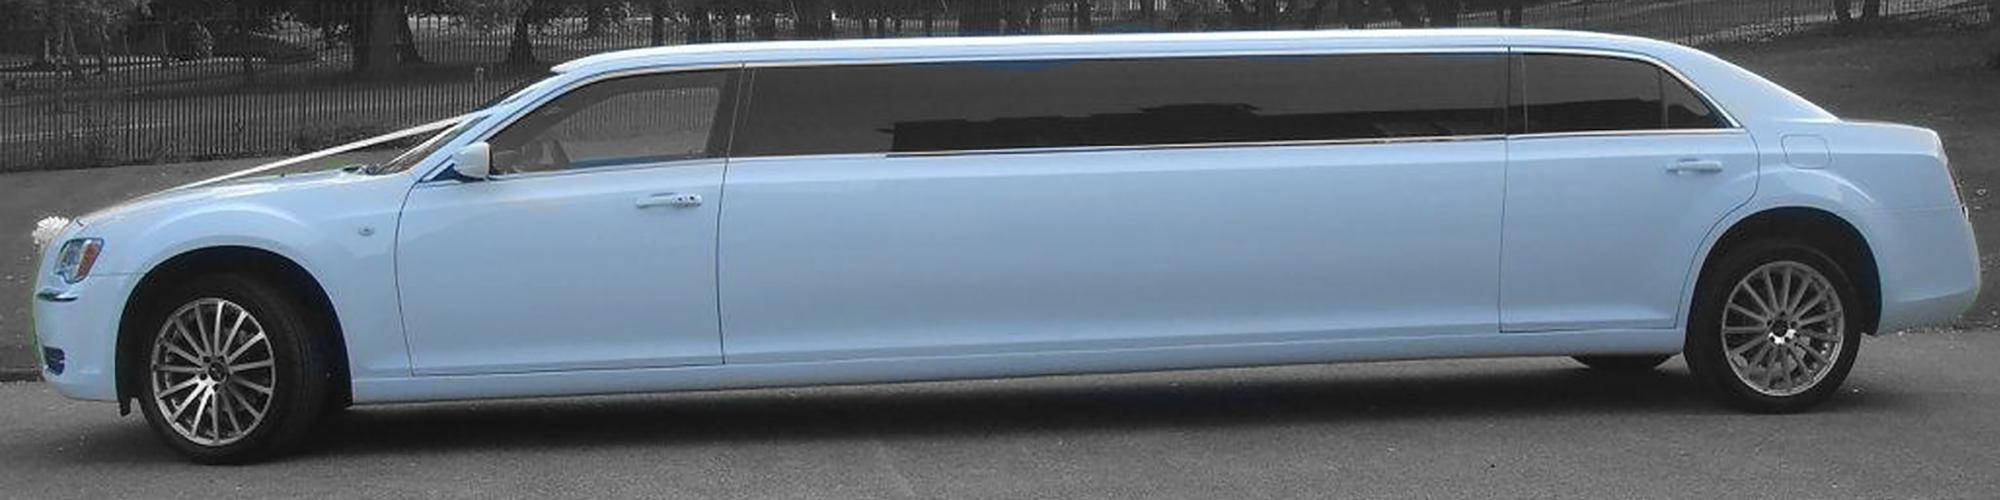 Limousine hire Birmingham